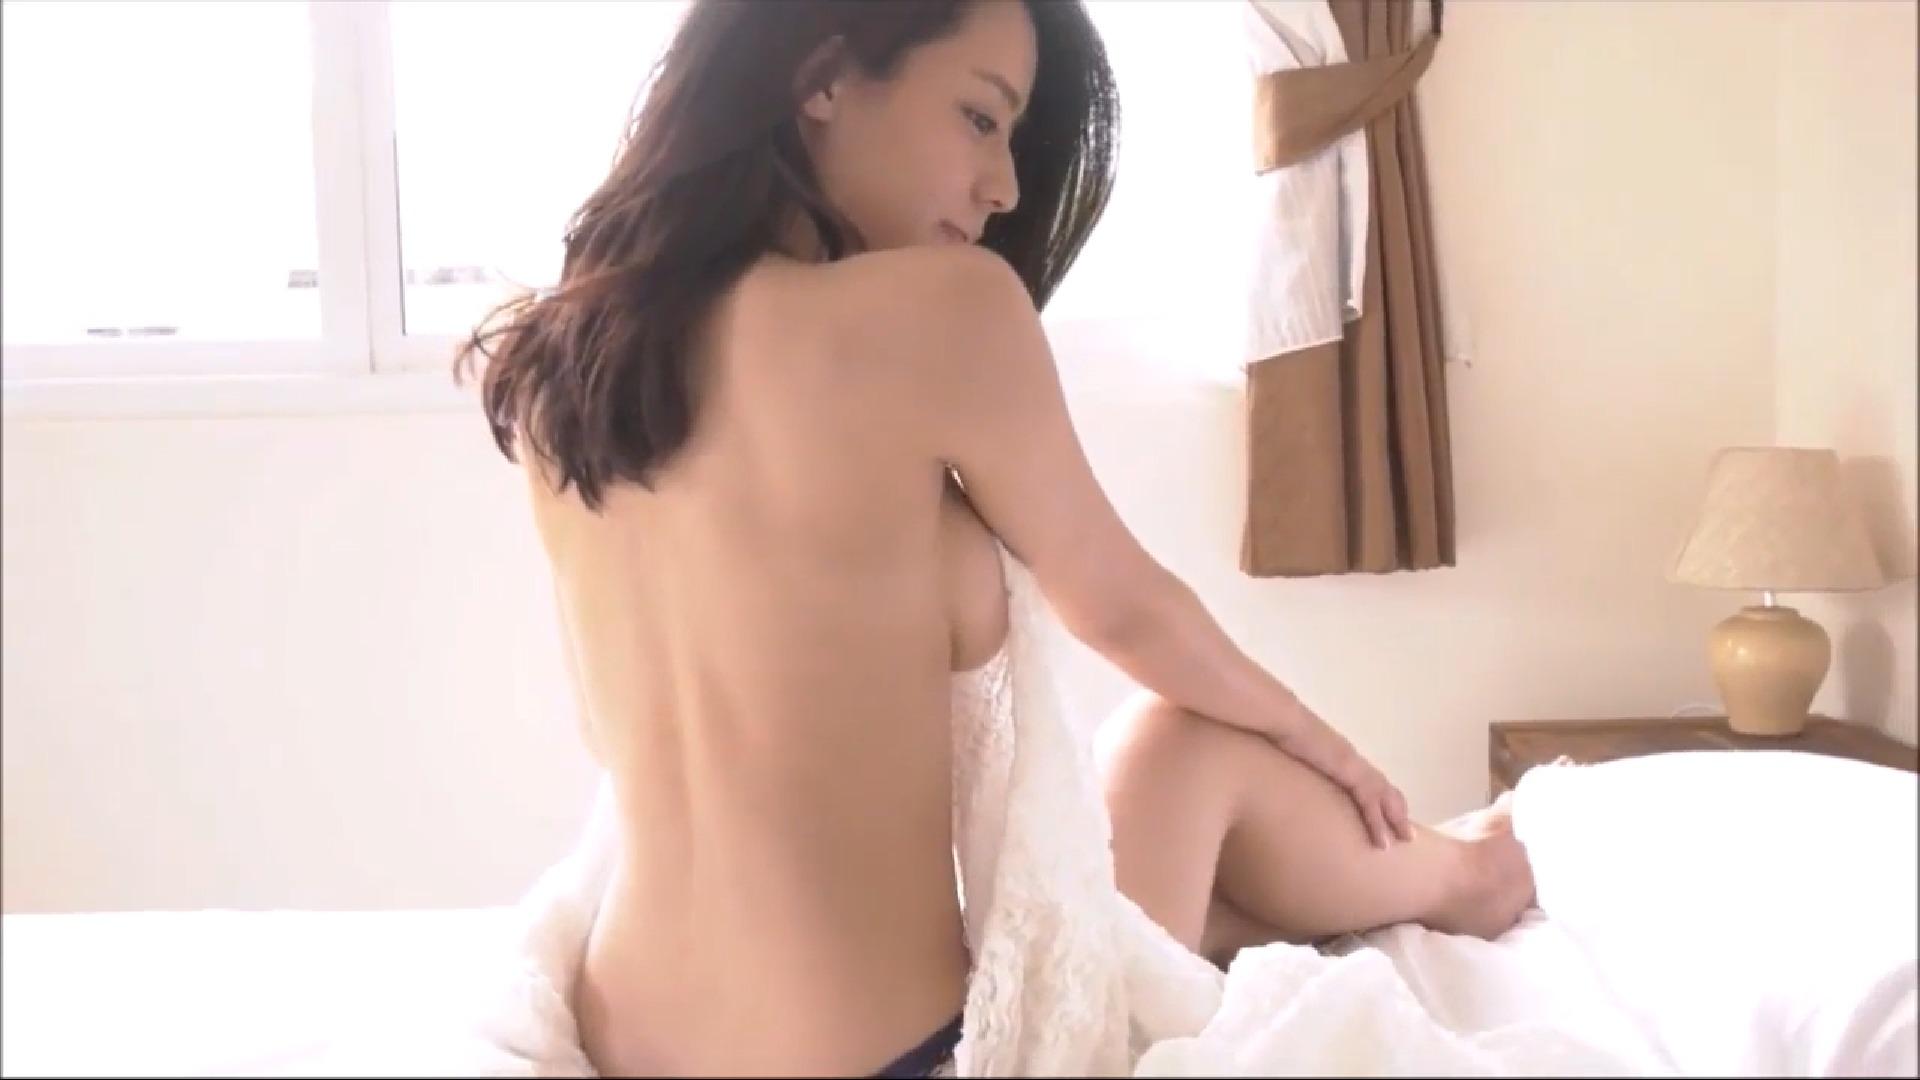 【小瀬田麻由】Fカップ14 ありがたや!横乳をたっぷり披露!美しい背中も!